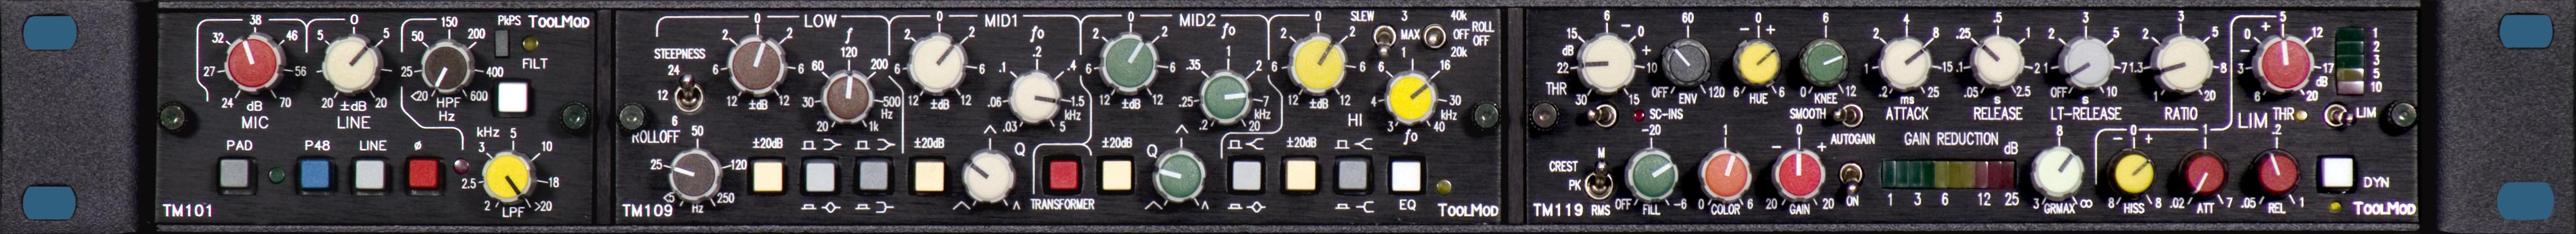 Pro Audio Module System ToolMod